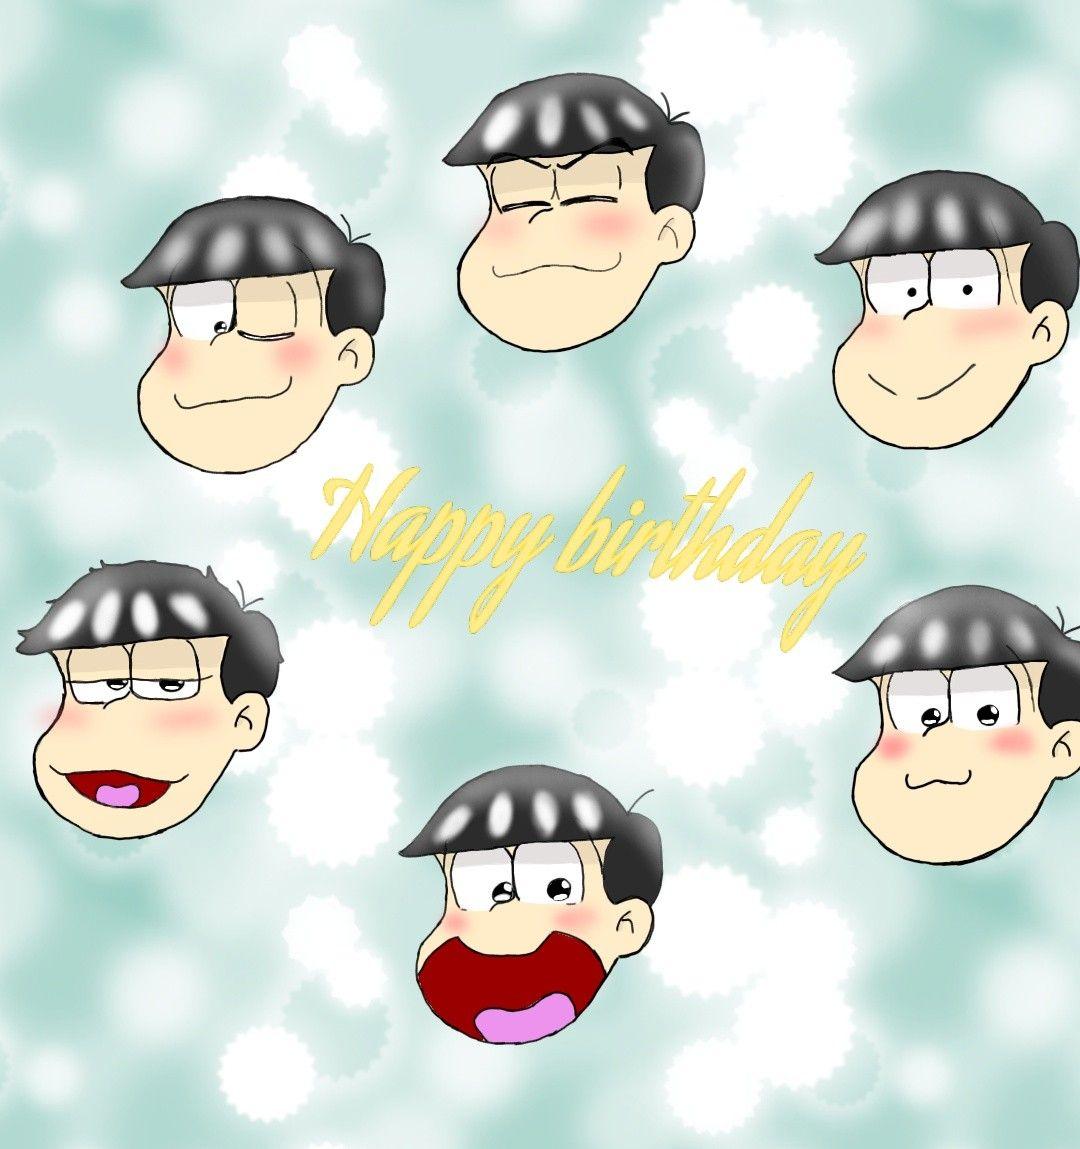 おそ松 さん 誕生 日 イラスト 166142